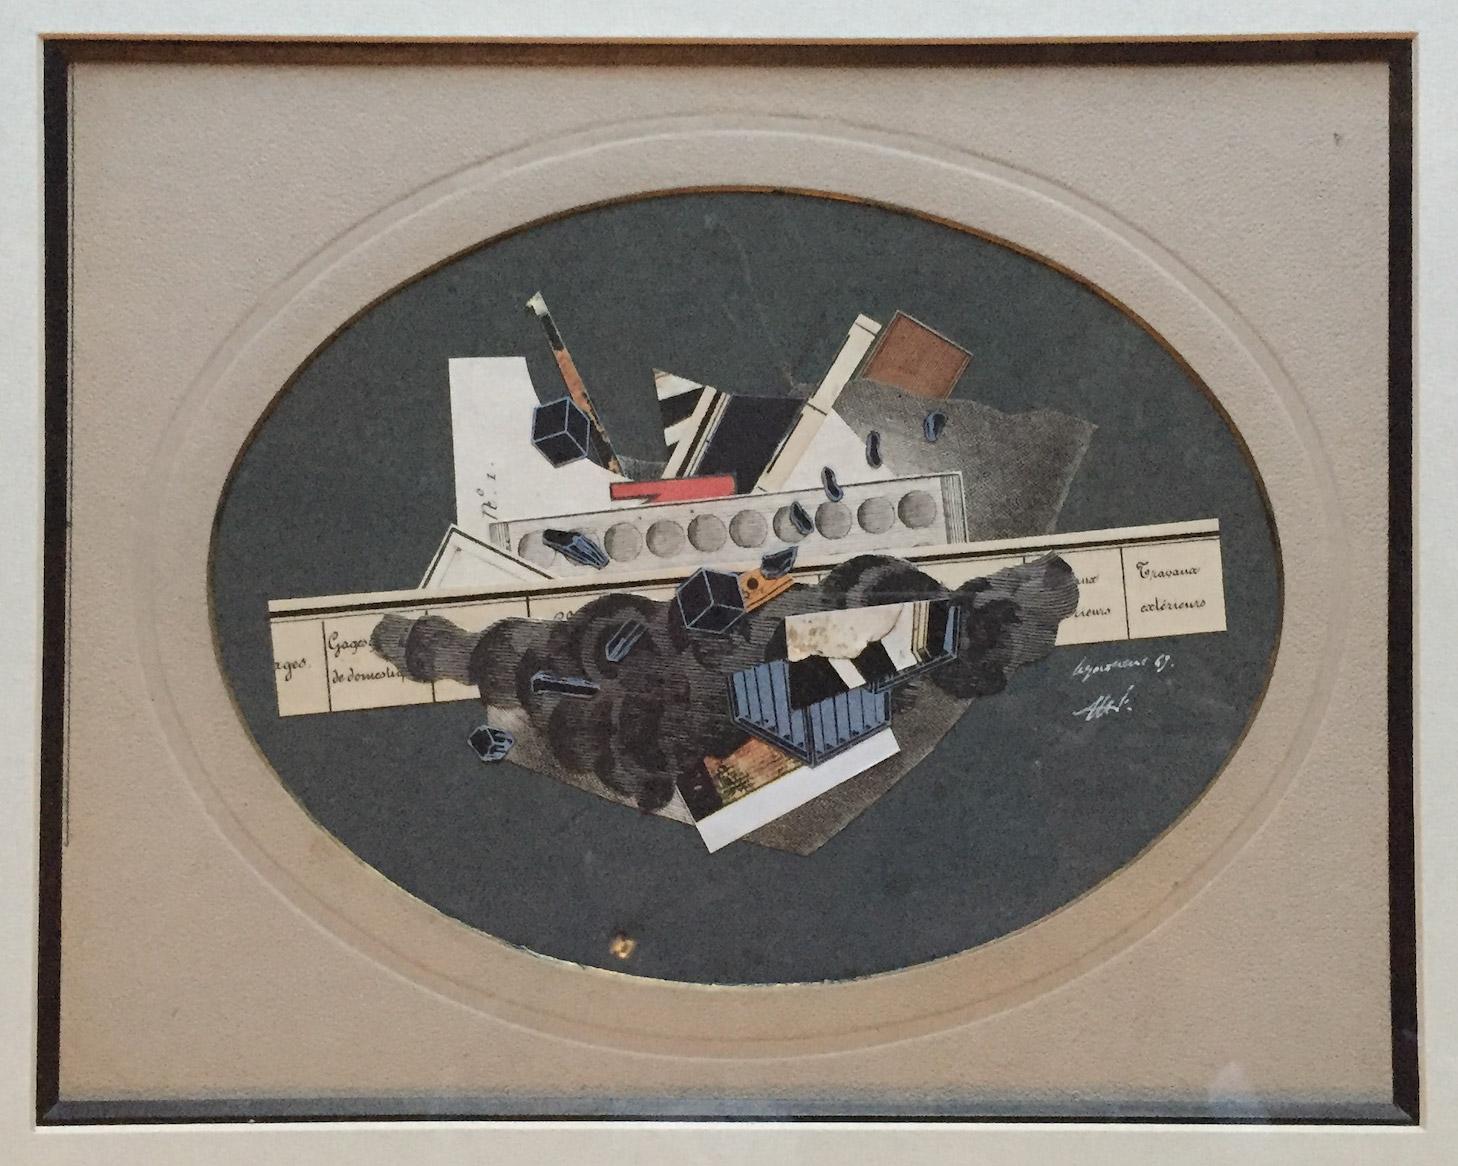 Sans-titre, 1969. Collage, coll. privée, Genève. Photo: Allen Le Yaouanc